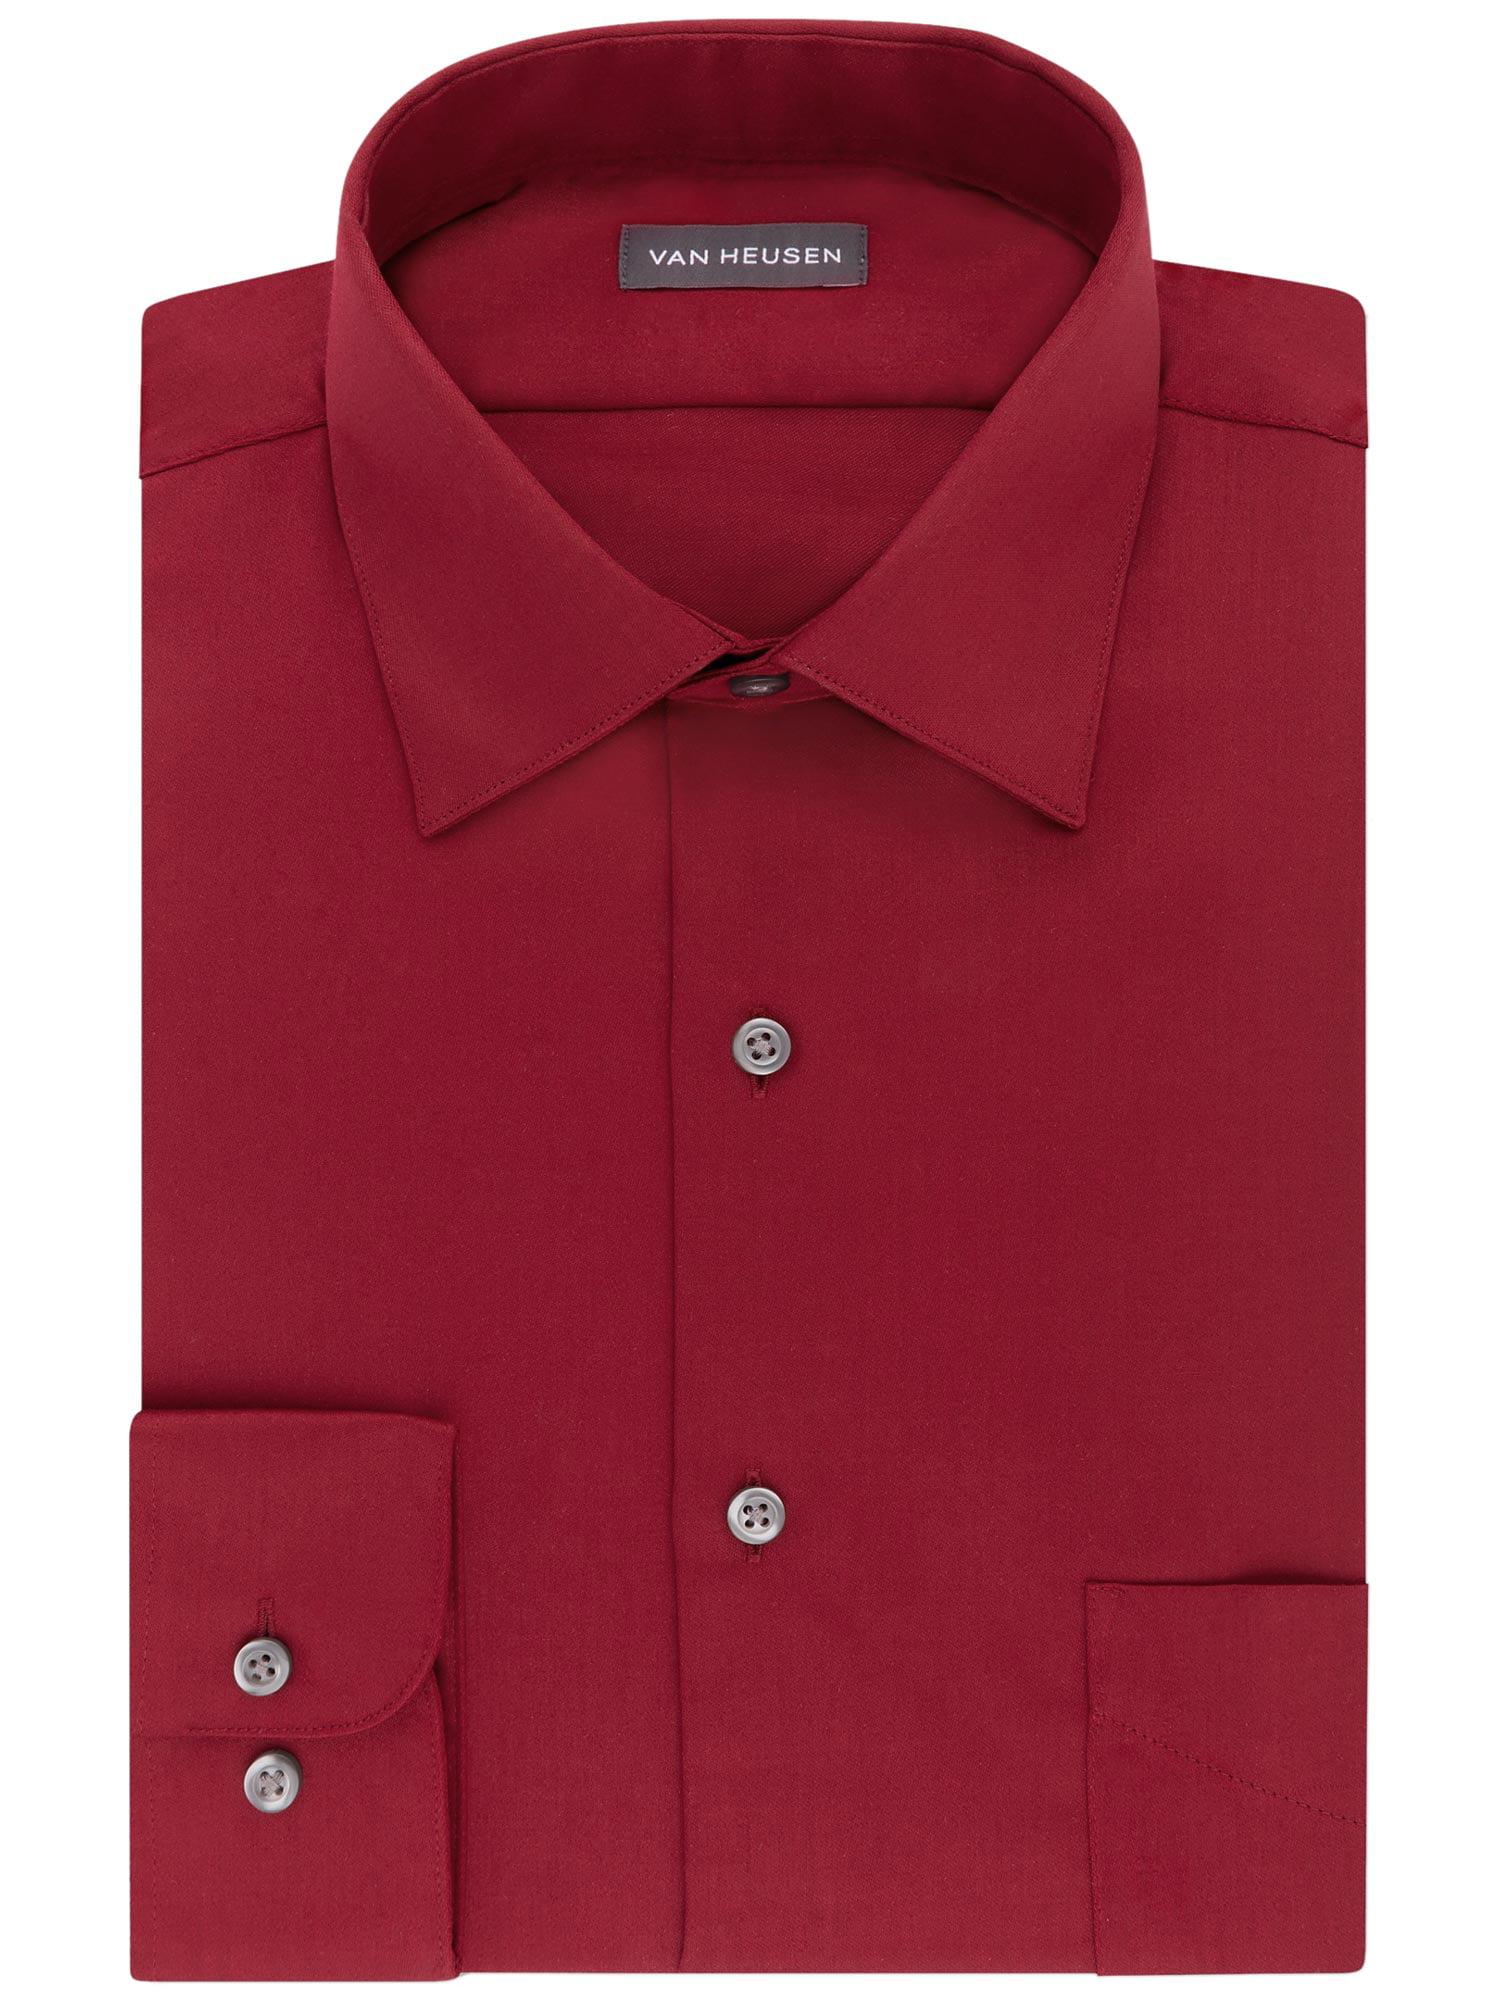 Choose SZ//color Van Heusen Men/'s Big and Tall Dress Shirts Lux Sat